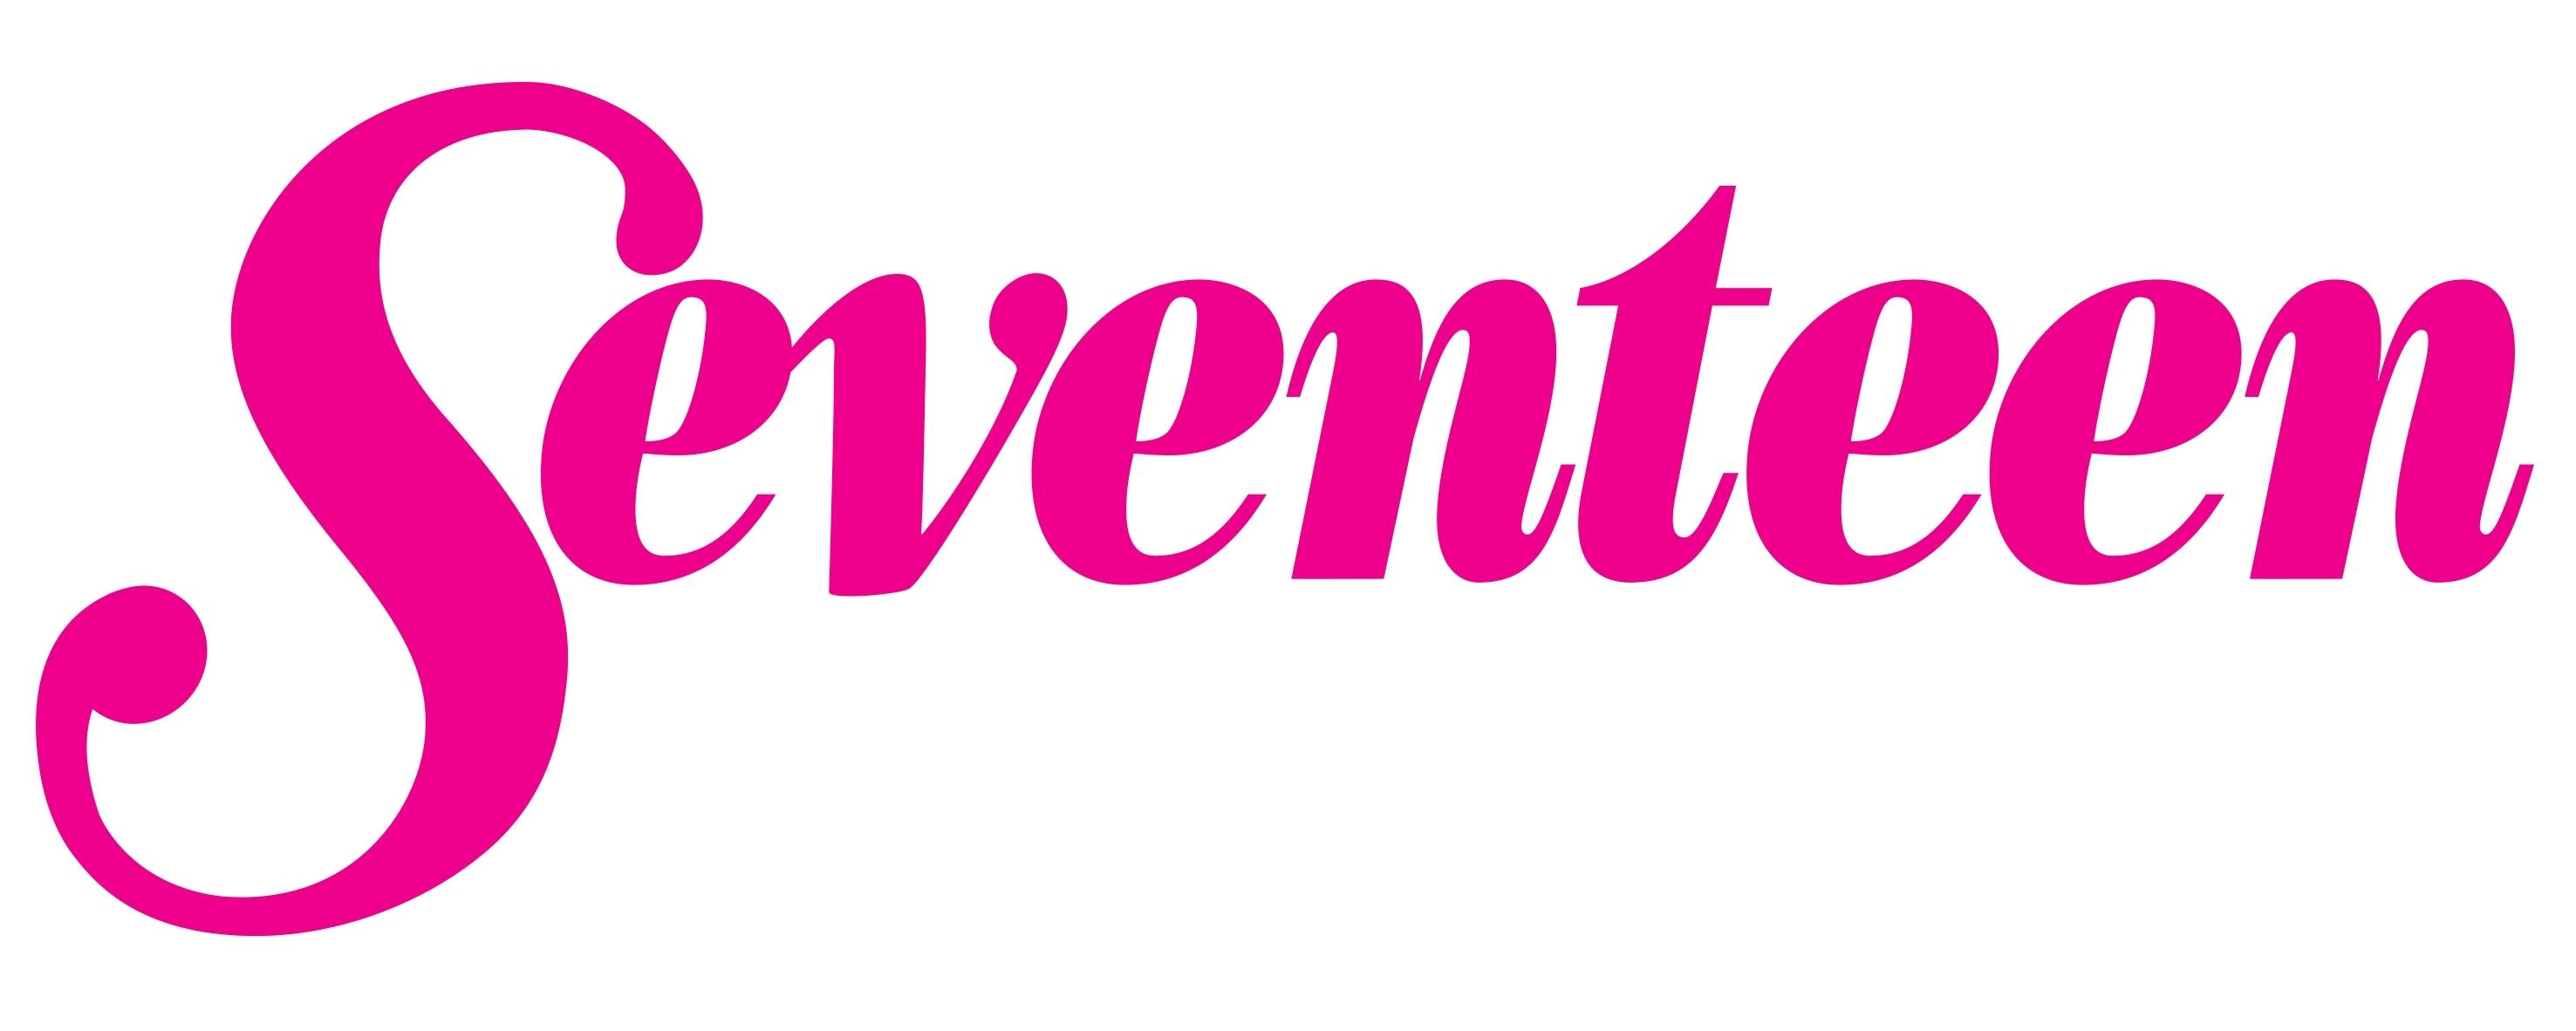 『Seventeen』